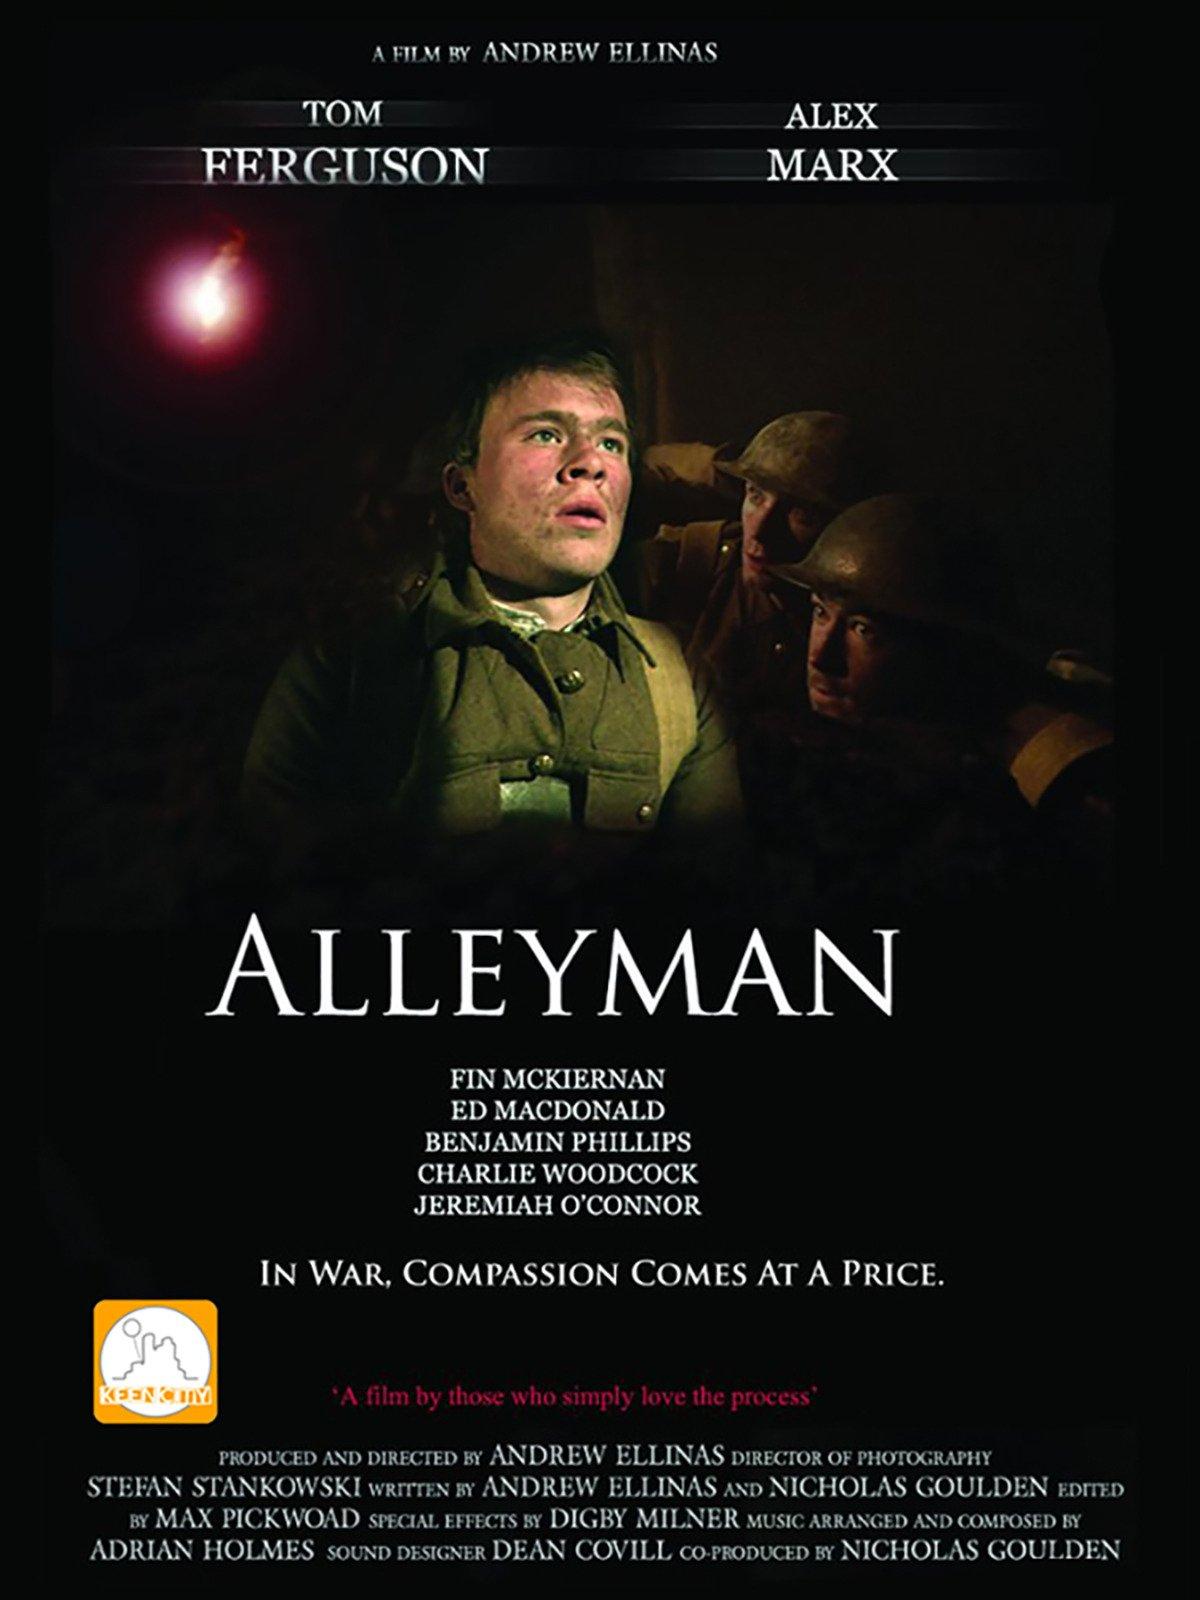 Alleyman